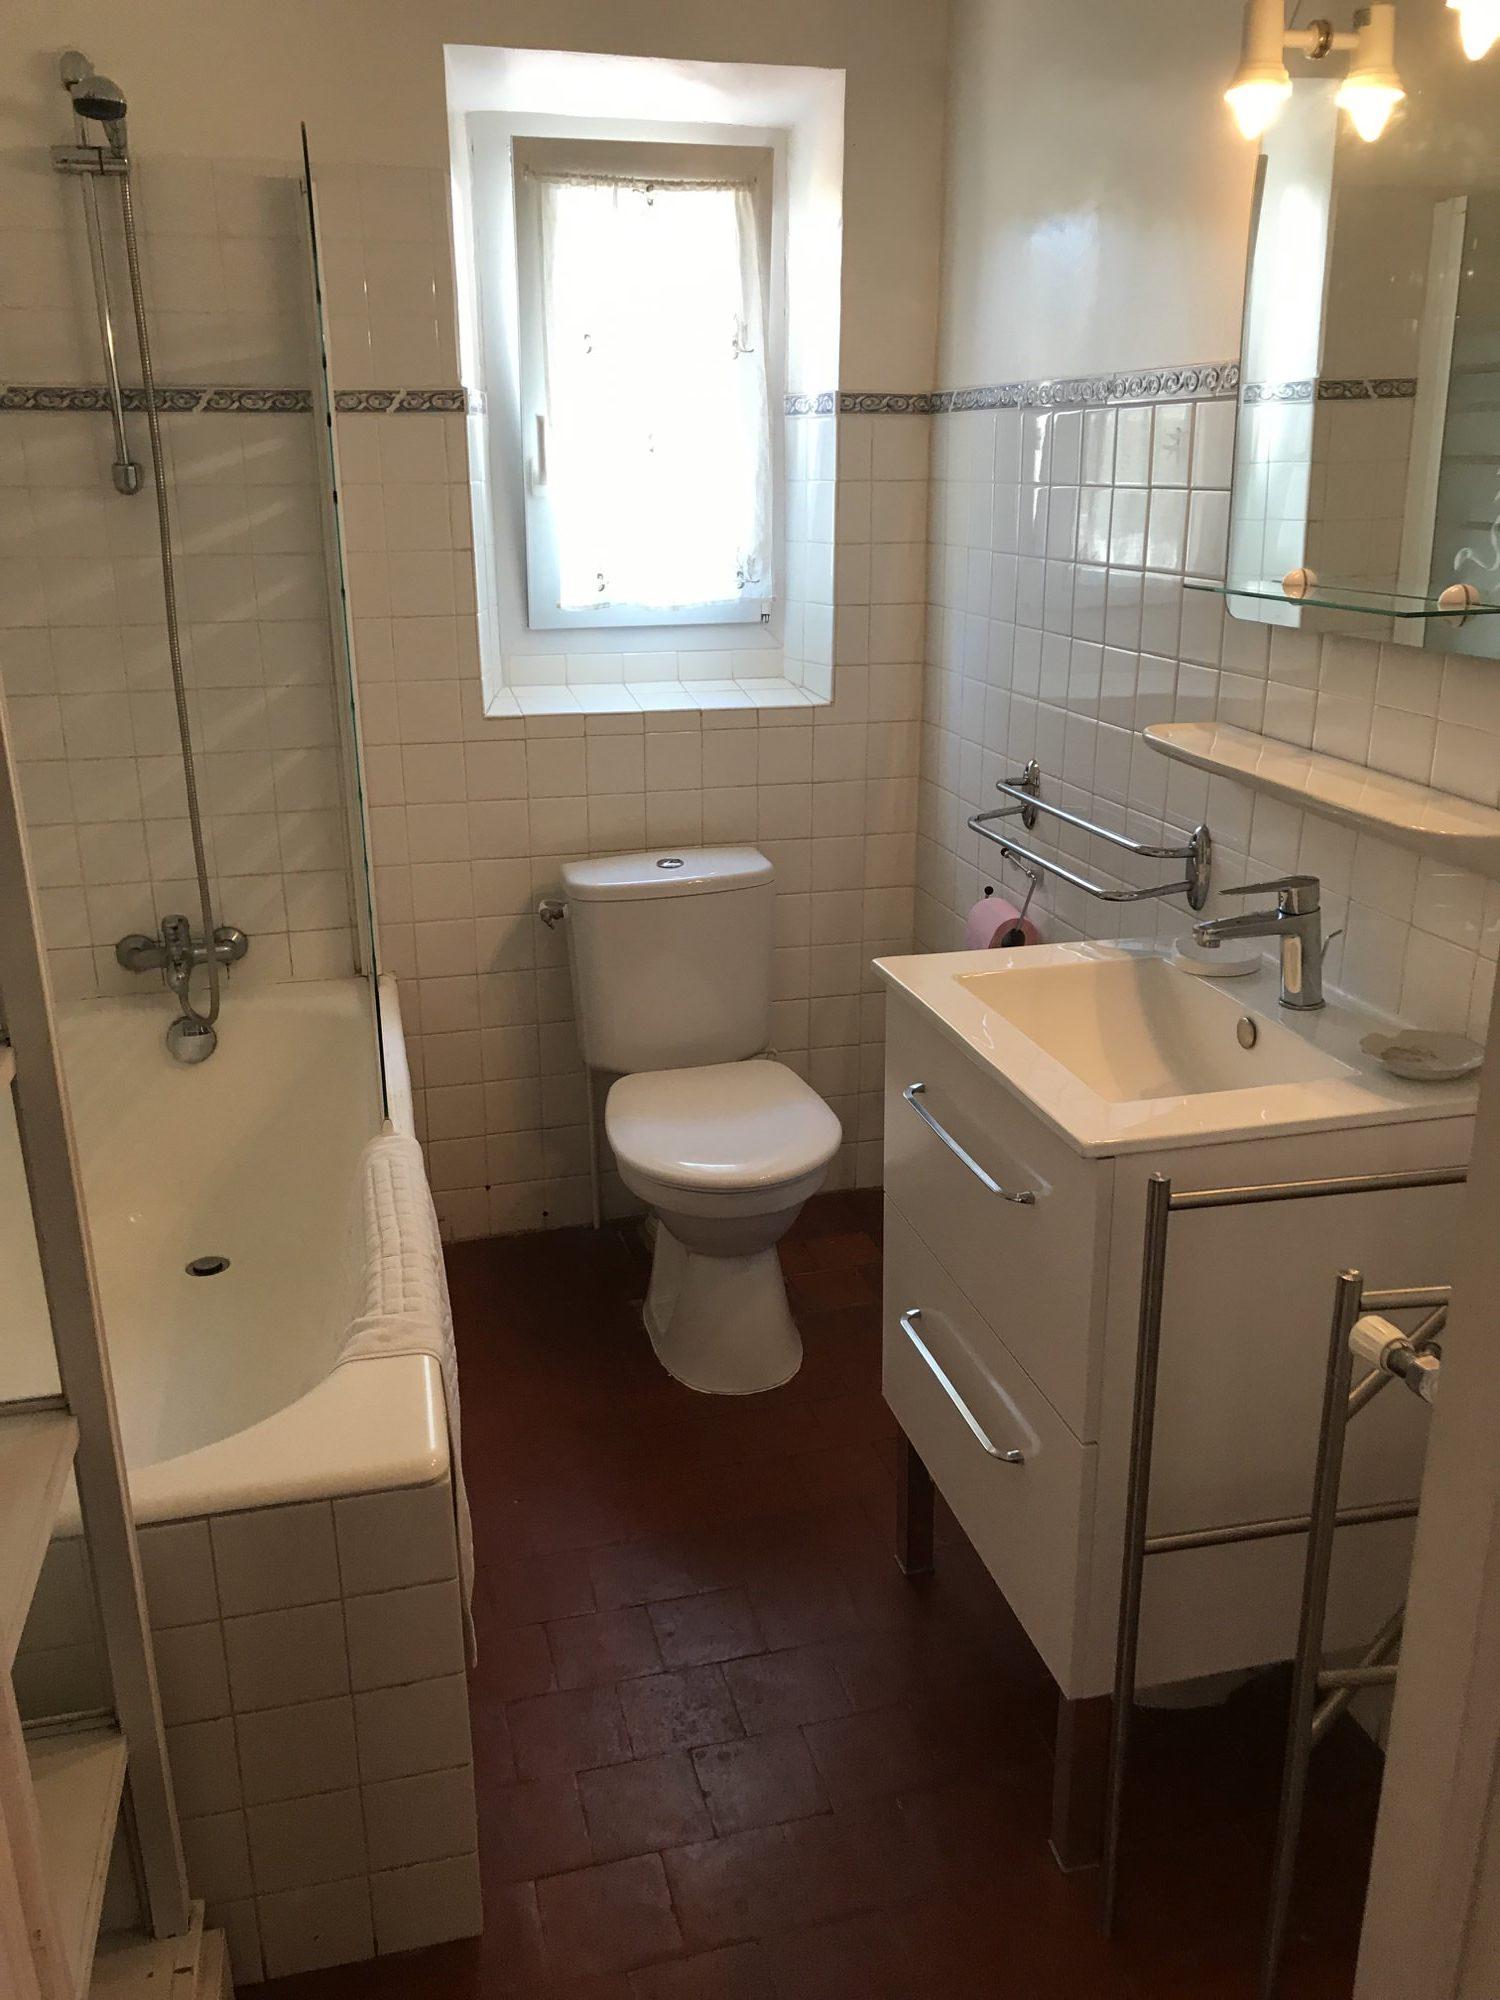 3 salles de bains / 3 bathroom